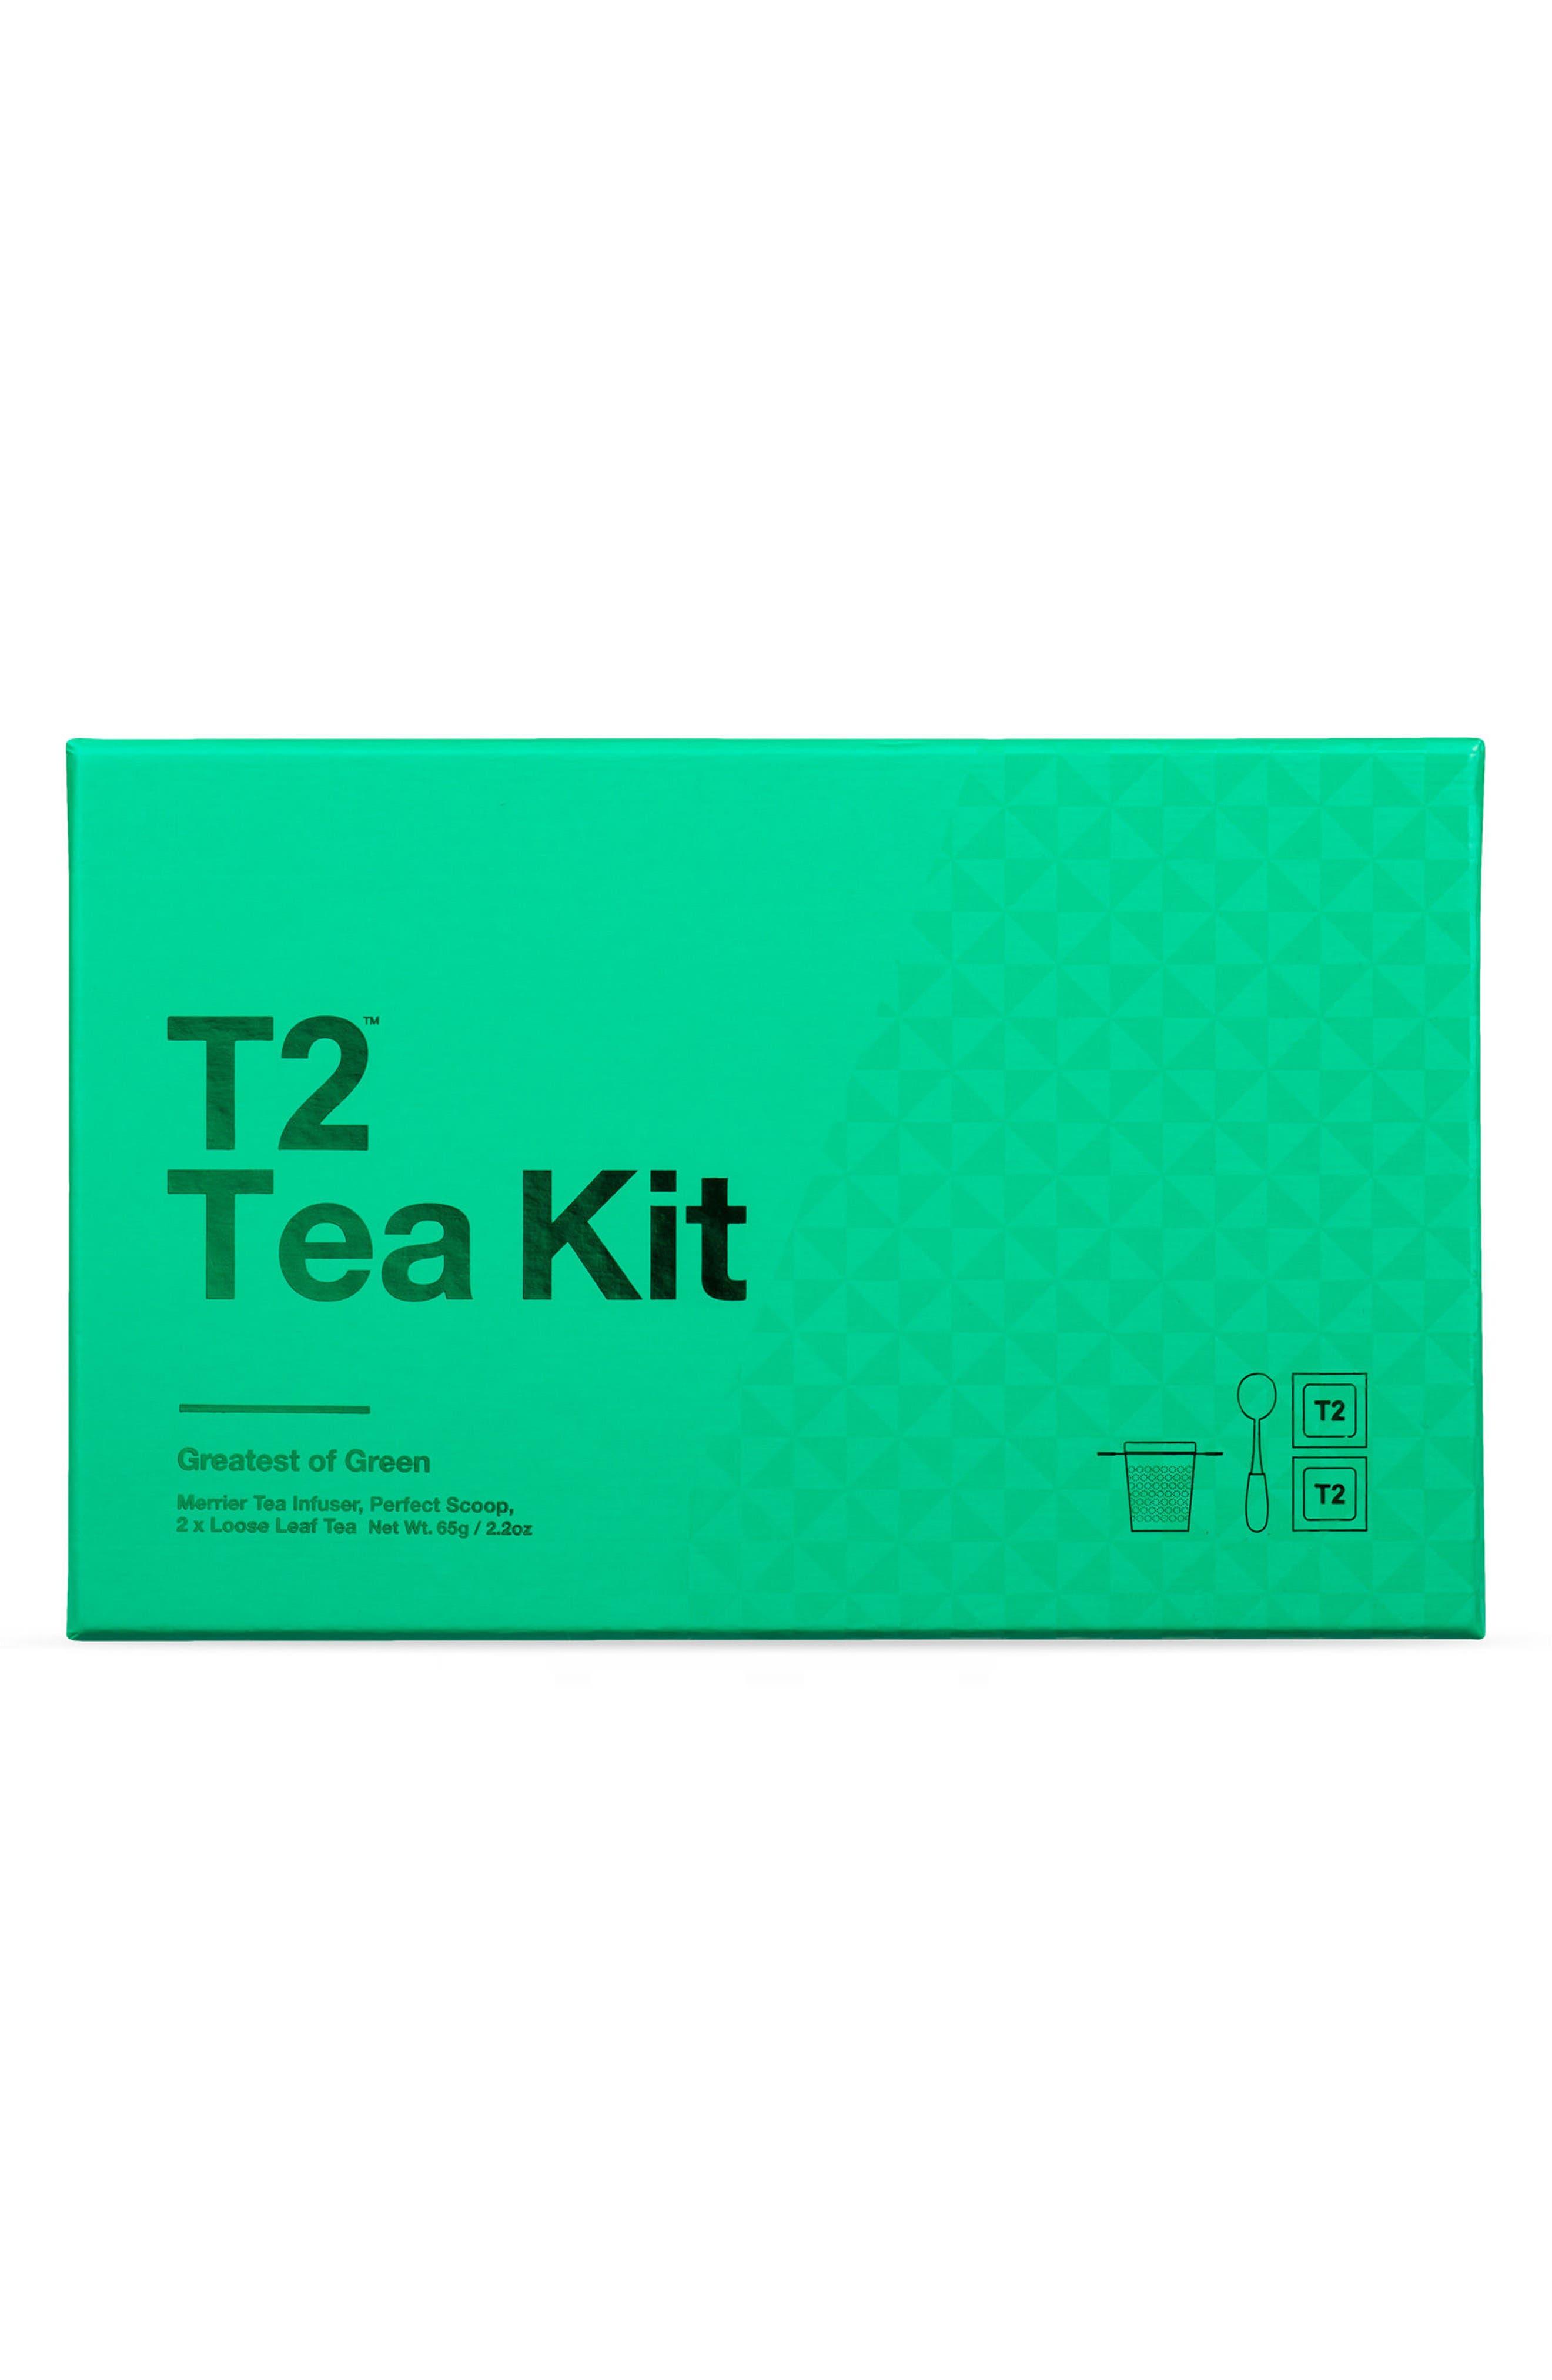 Greatest of Green Loose Leaf Tea Box Set,                             Main thumbnail 1, color,                             Multi